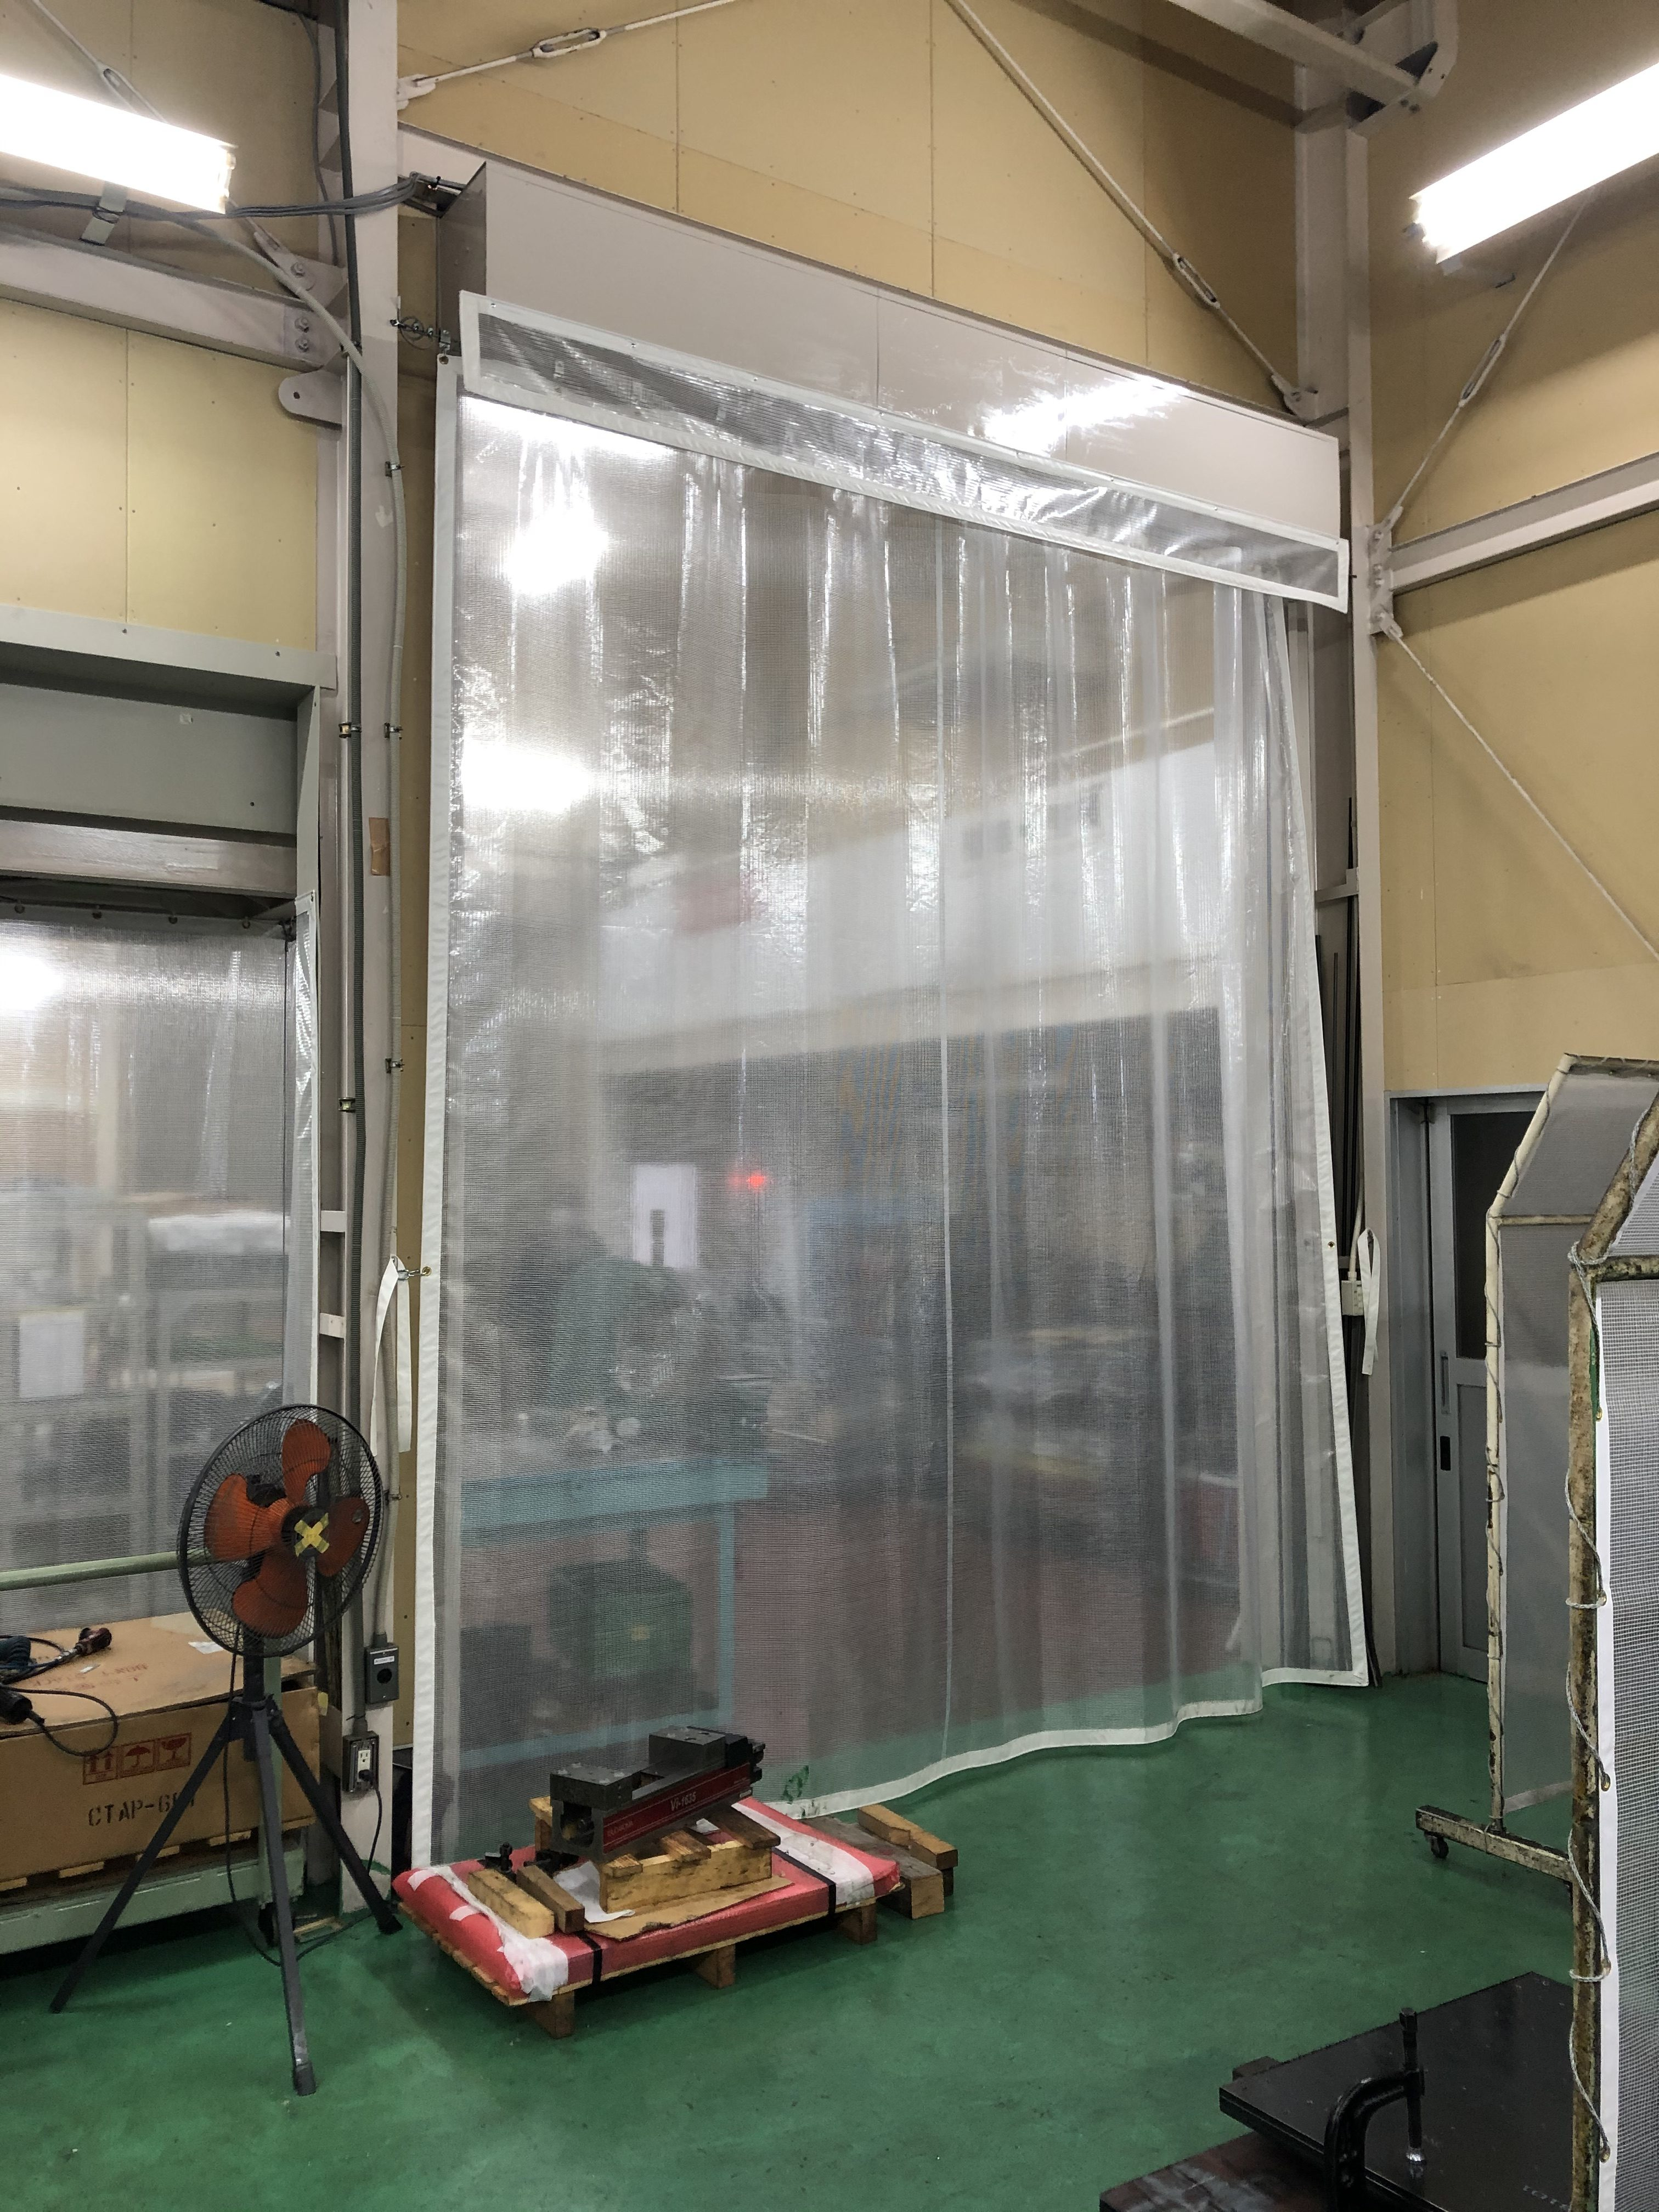 大分県臼杵市 工場内の間仕切り及びカーテン等施工させていただきました。